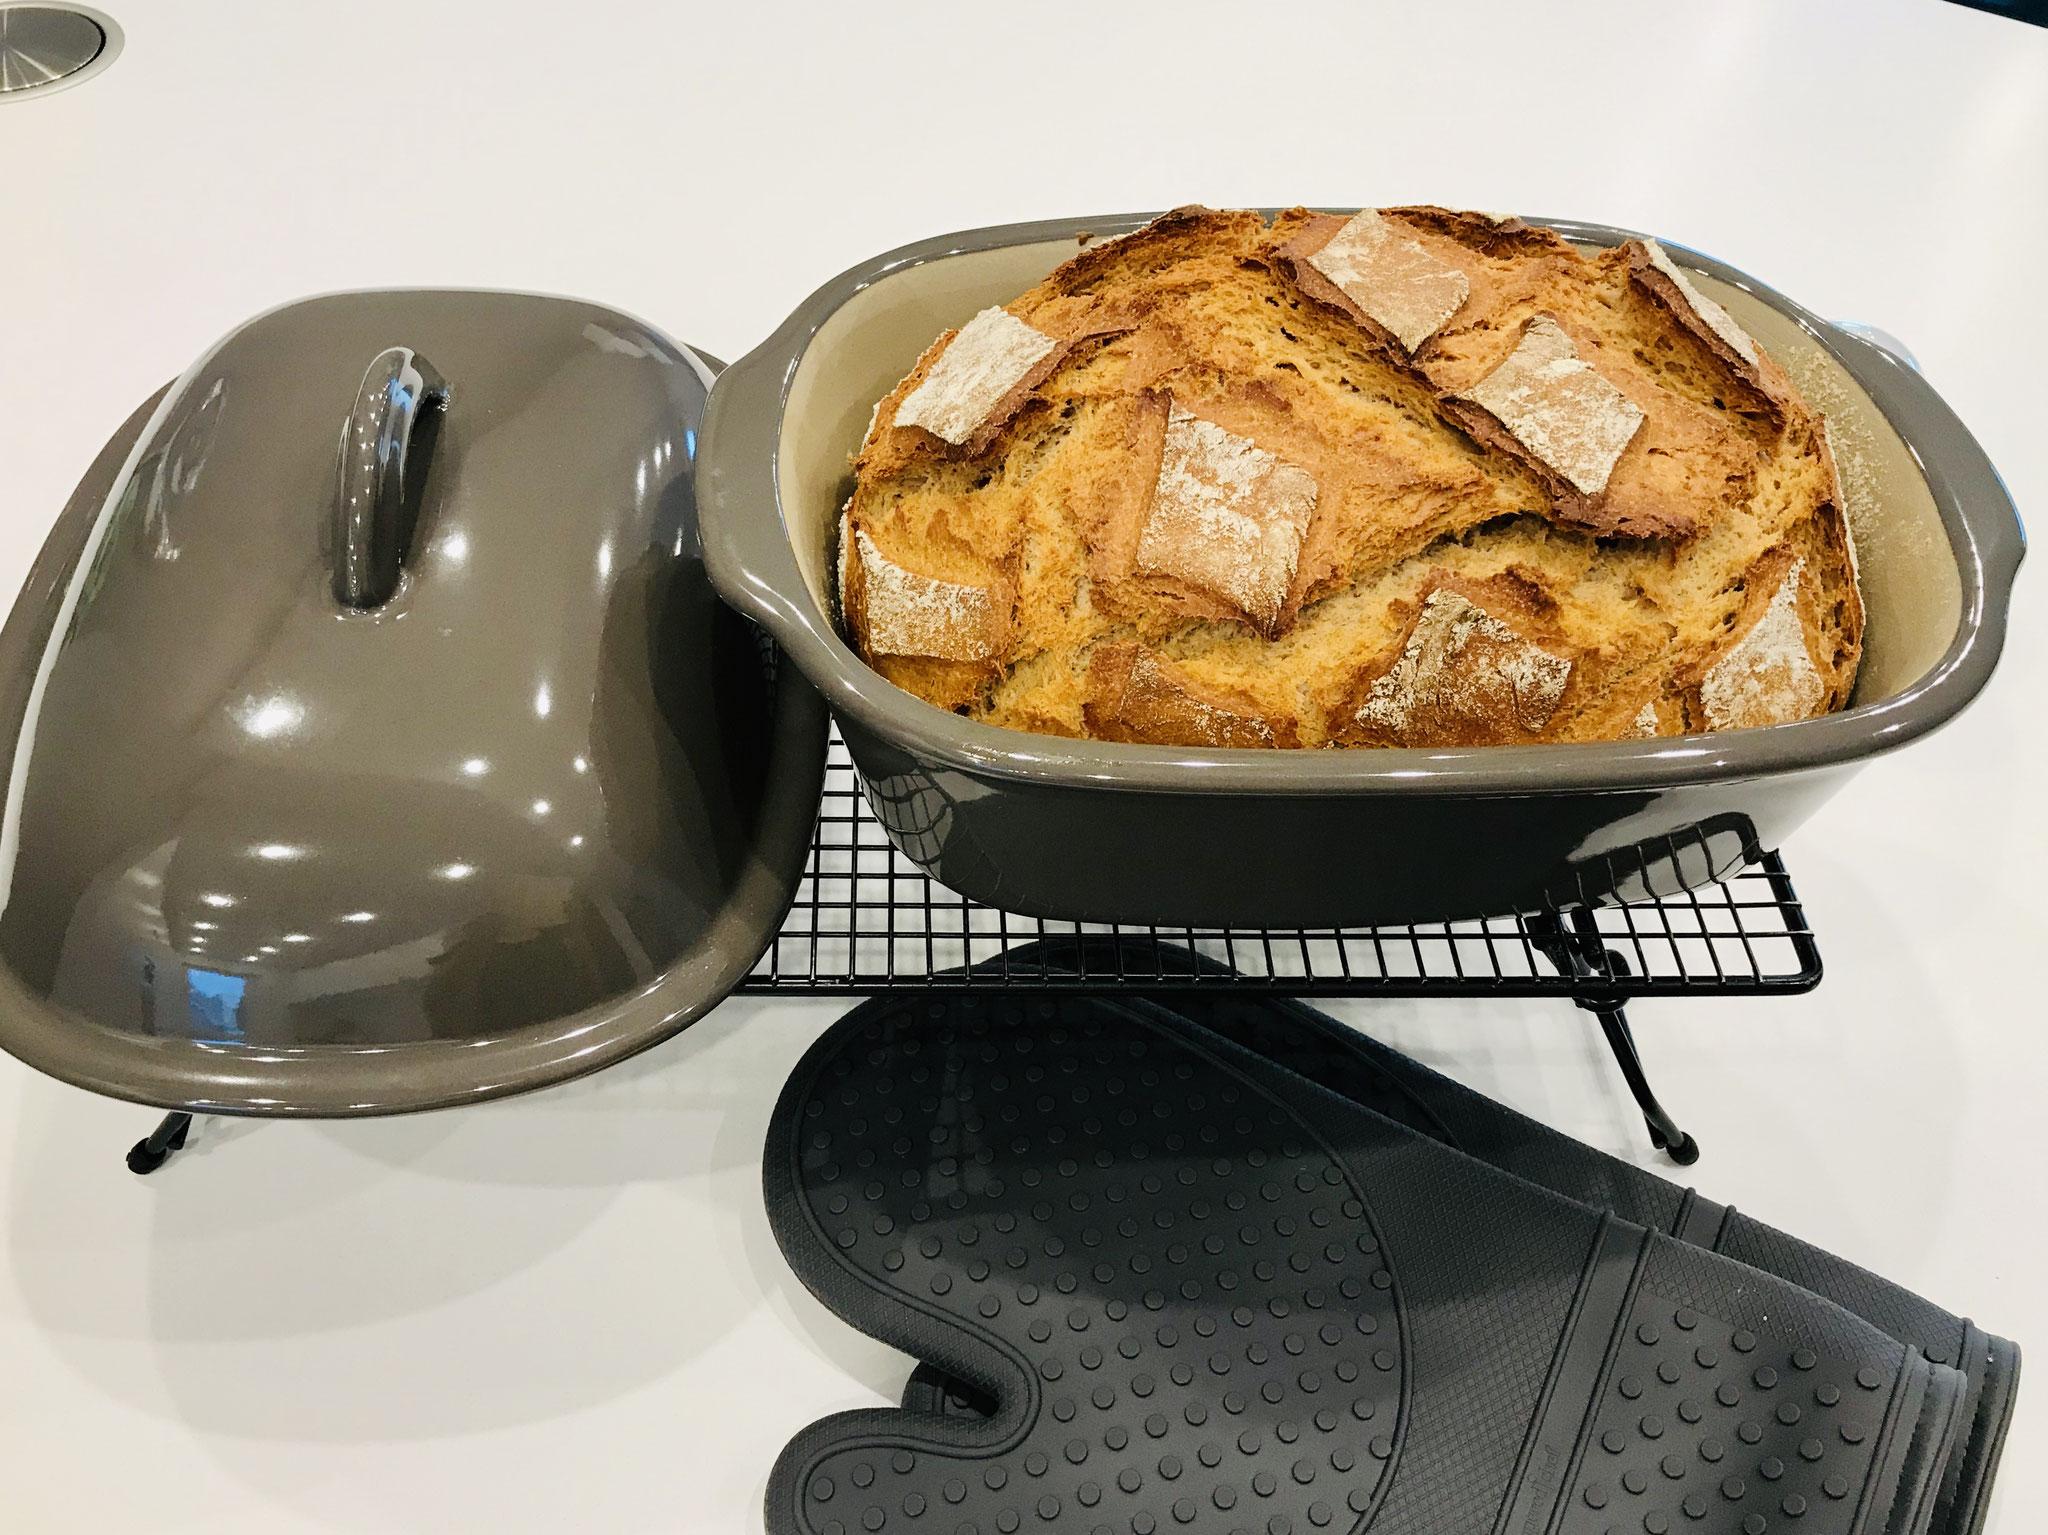 Nach 1 Stunde Backzeit hole ich den Ofenmeister mit den Silikonhandschuhen aus dem Ofenmeister und stürze das frisch gebackene Brot auf das Kuchengitter von Pampered Chef zum abkühlen....